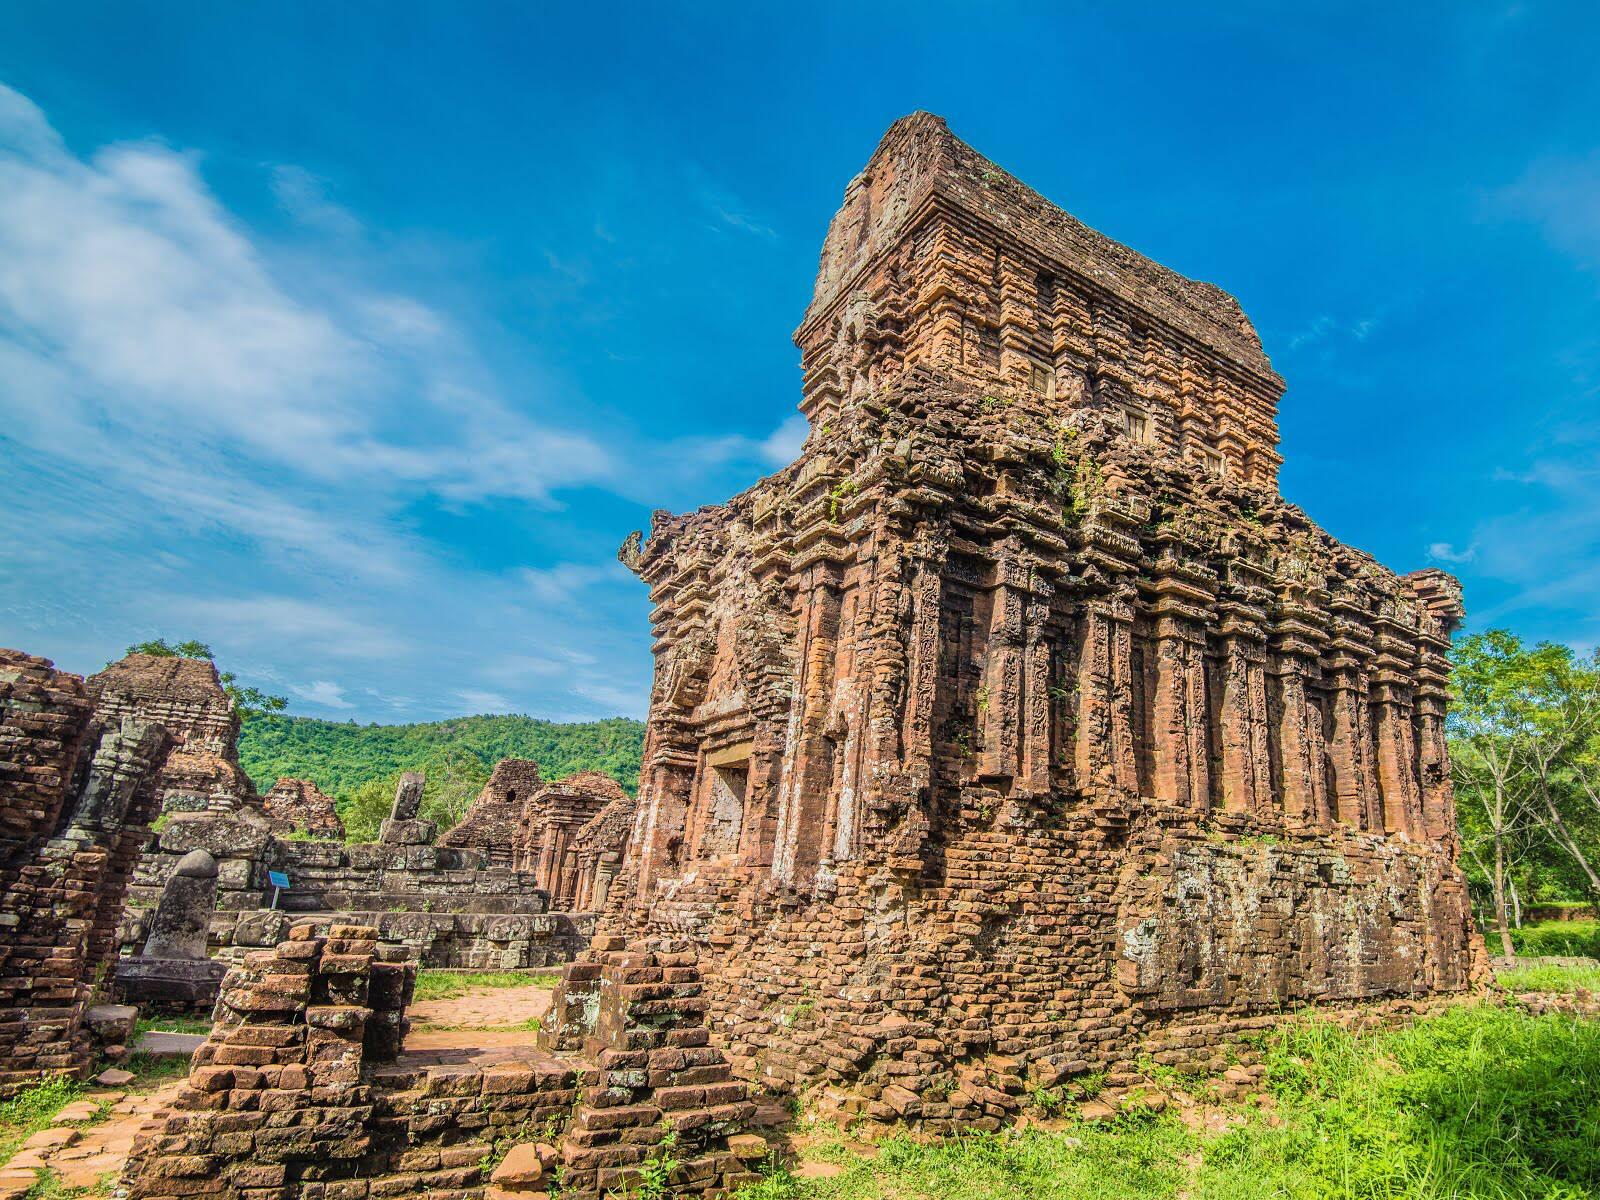 Kiến trúc của người Chăm cổ tại Thánh địa Mỹ Sơn